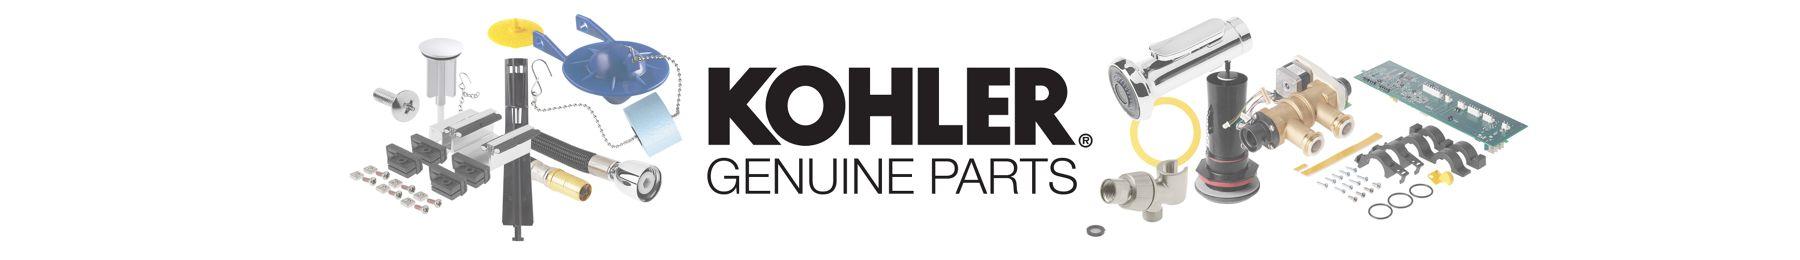 maintenance replacement parts kohler